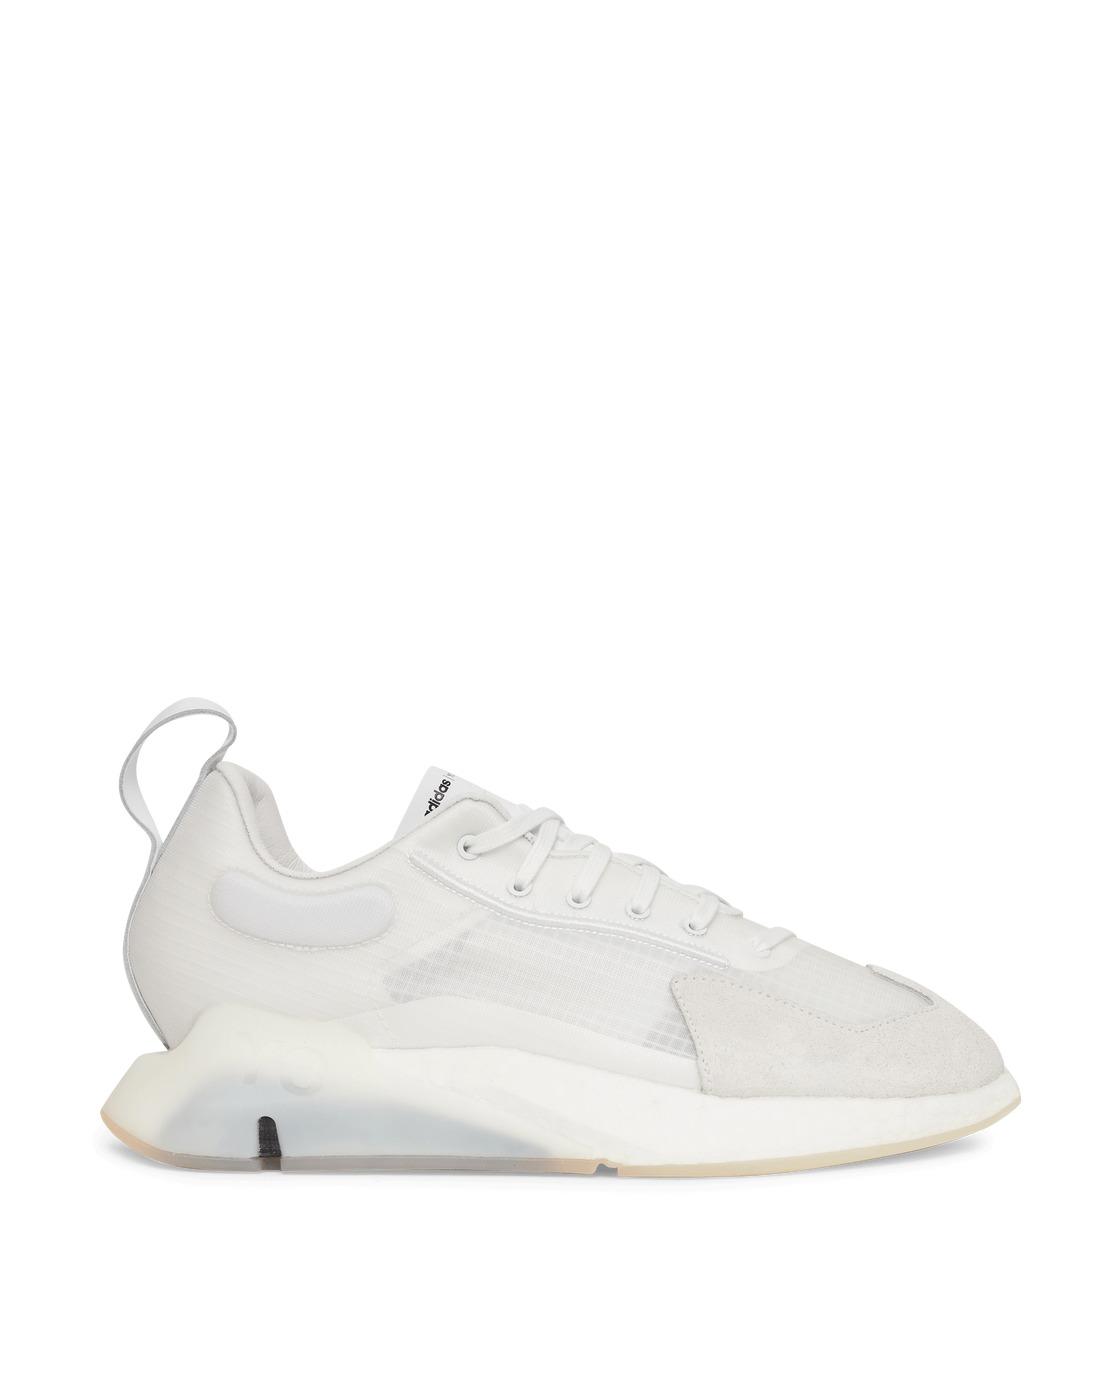 Photo: Y 3 Orisan Sneakers White